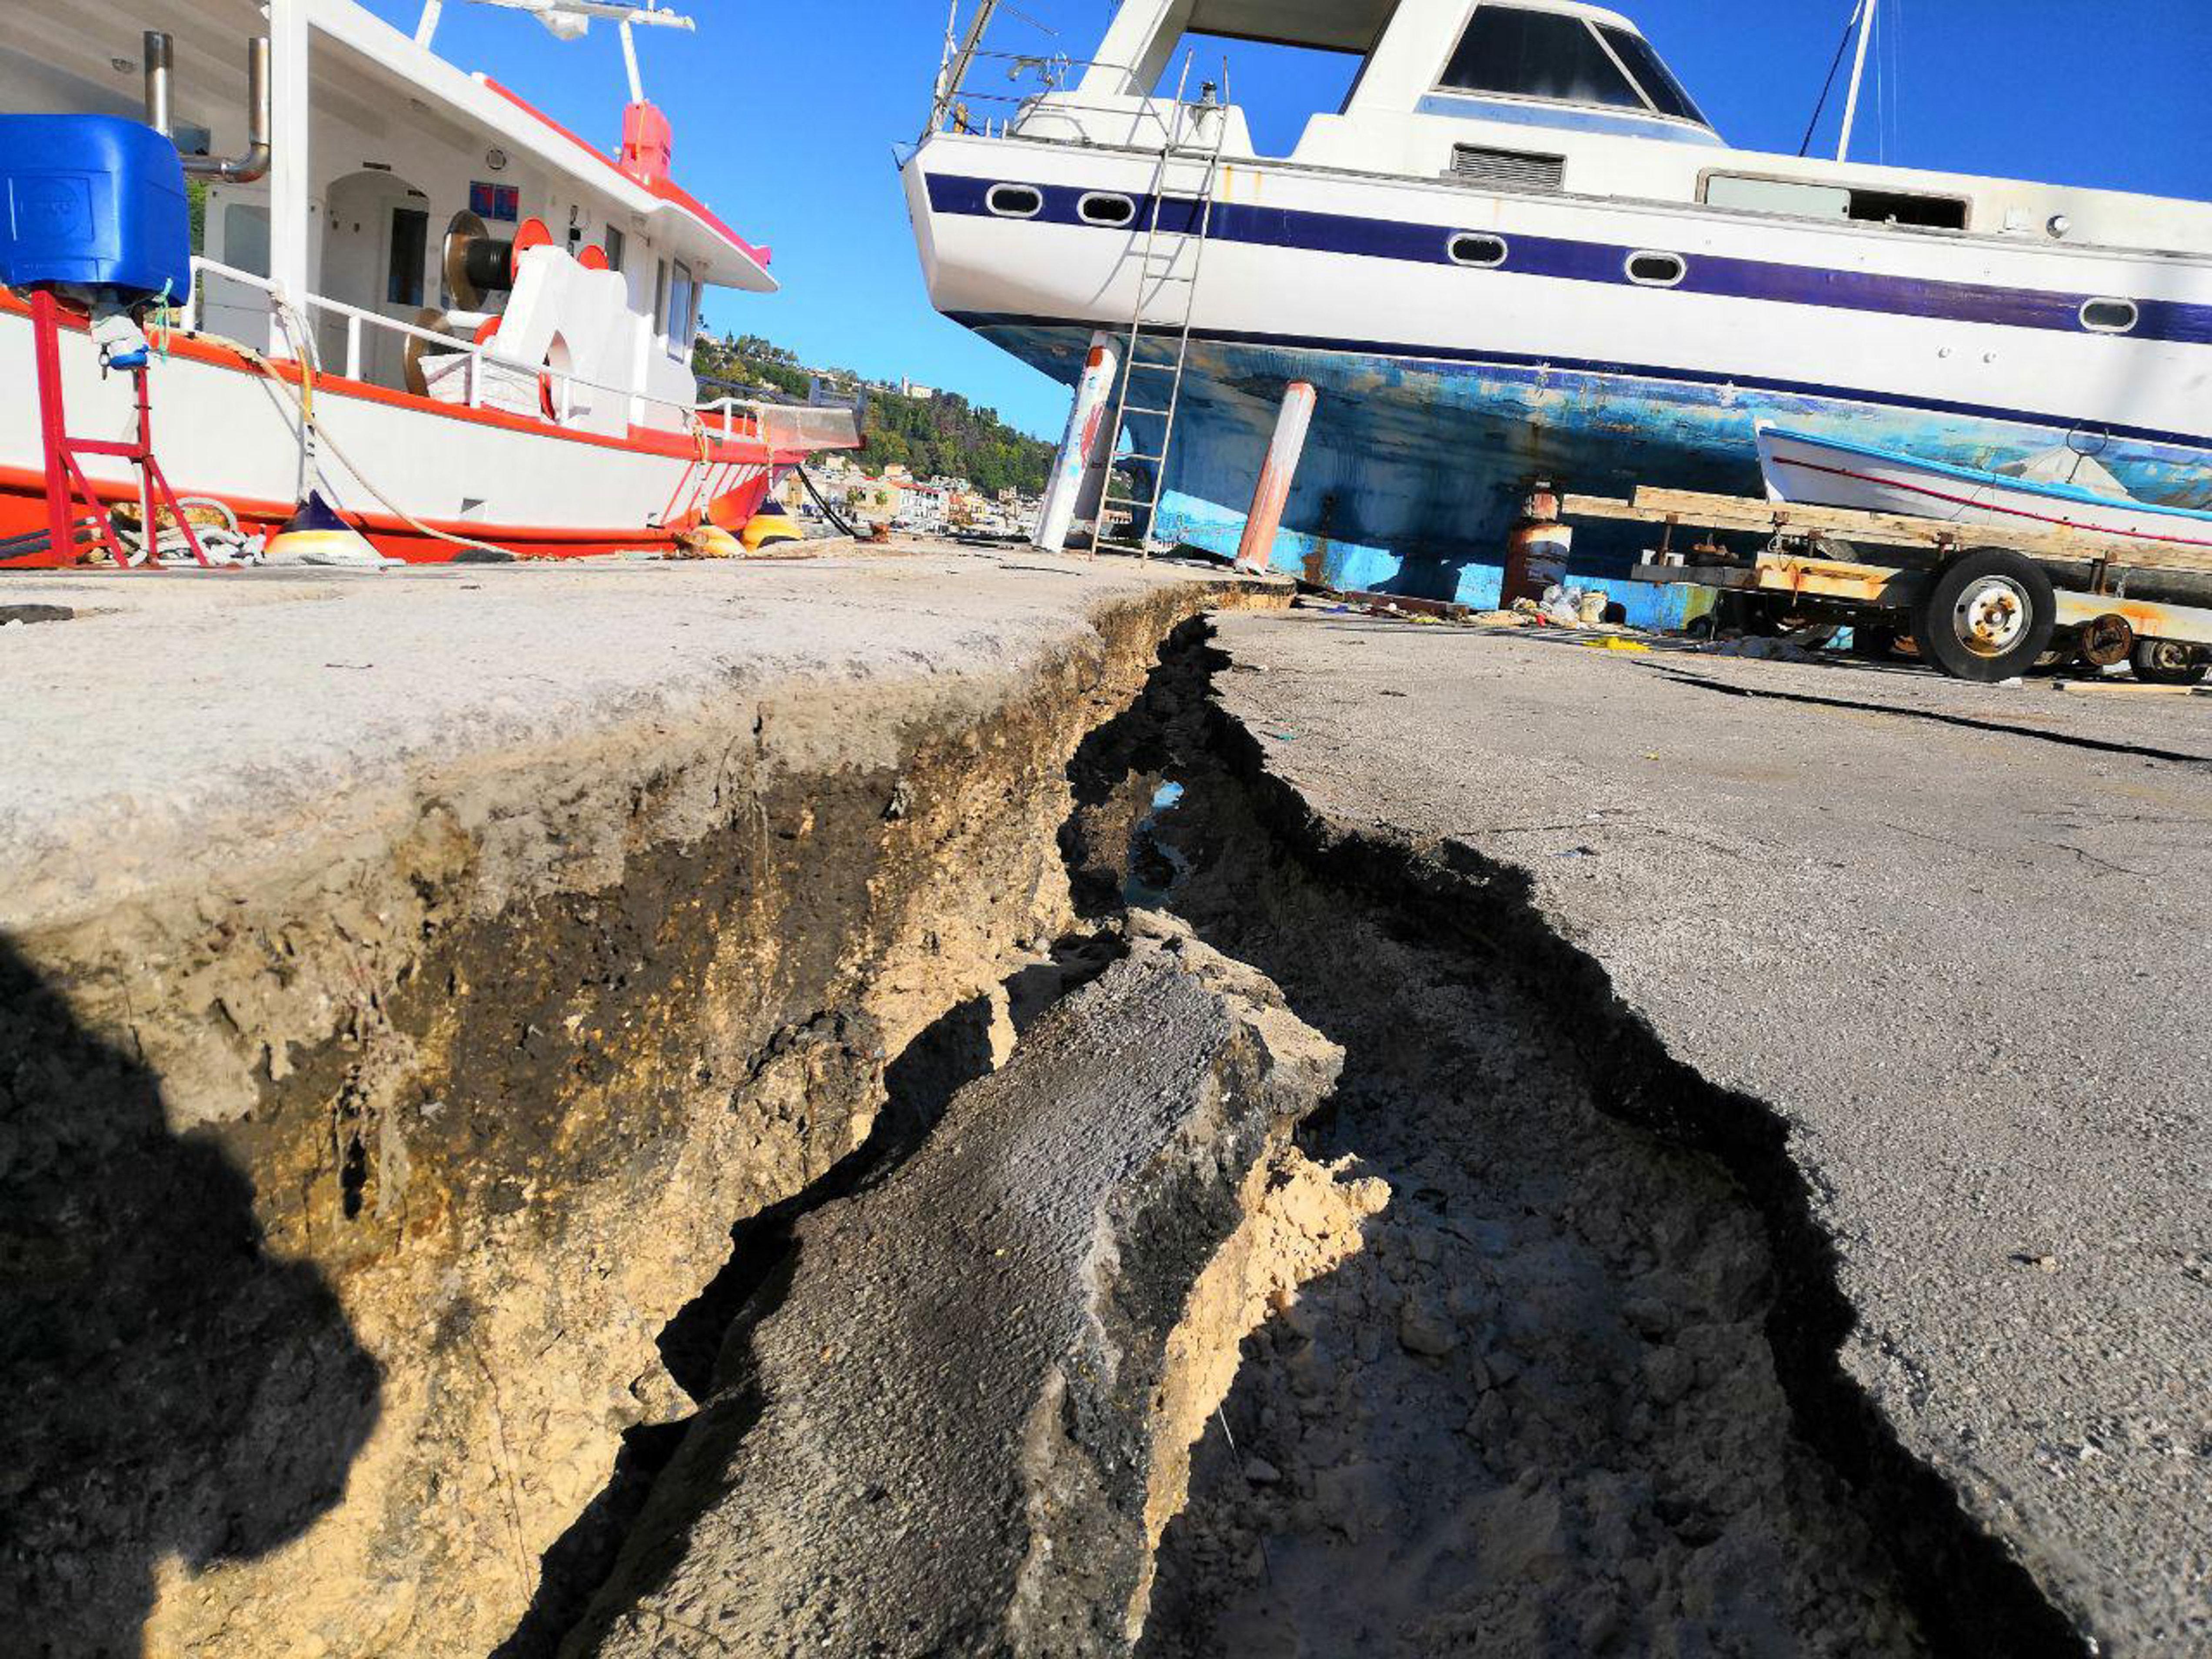 Νέος σεισμός 5,3 Ρίχτερ ανοιχτά της